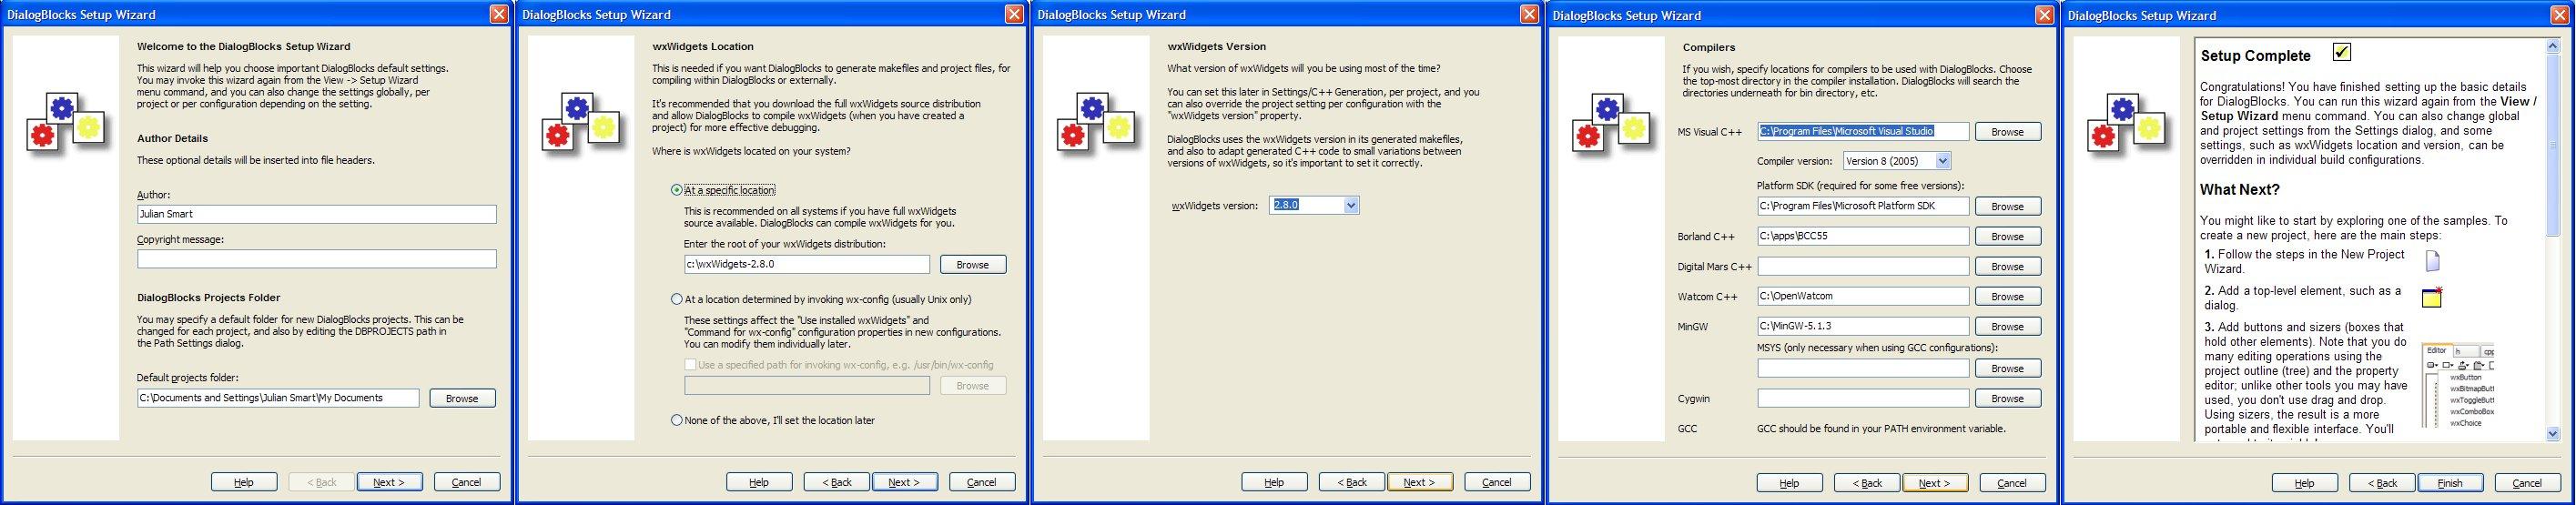 DialogBlocks Screenshots